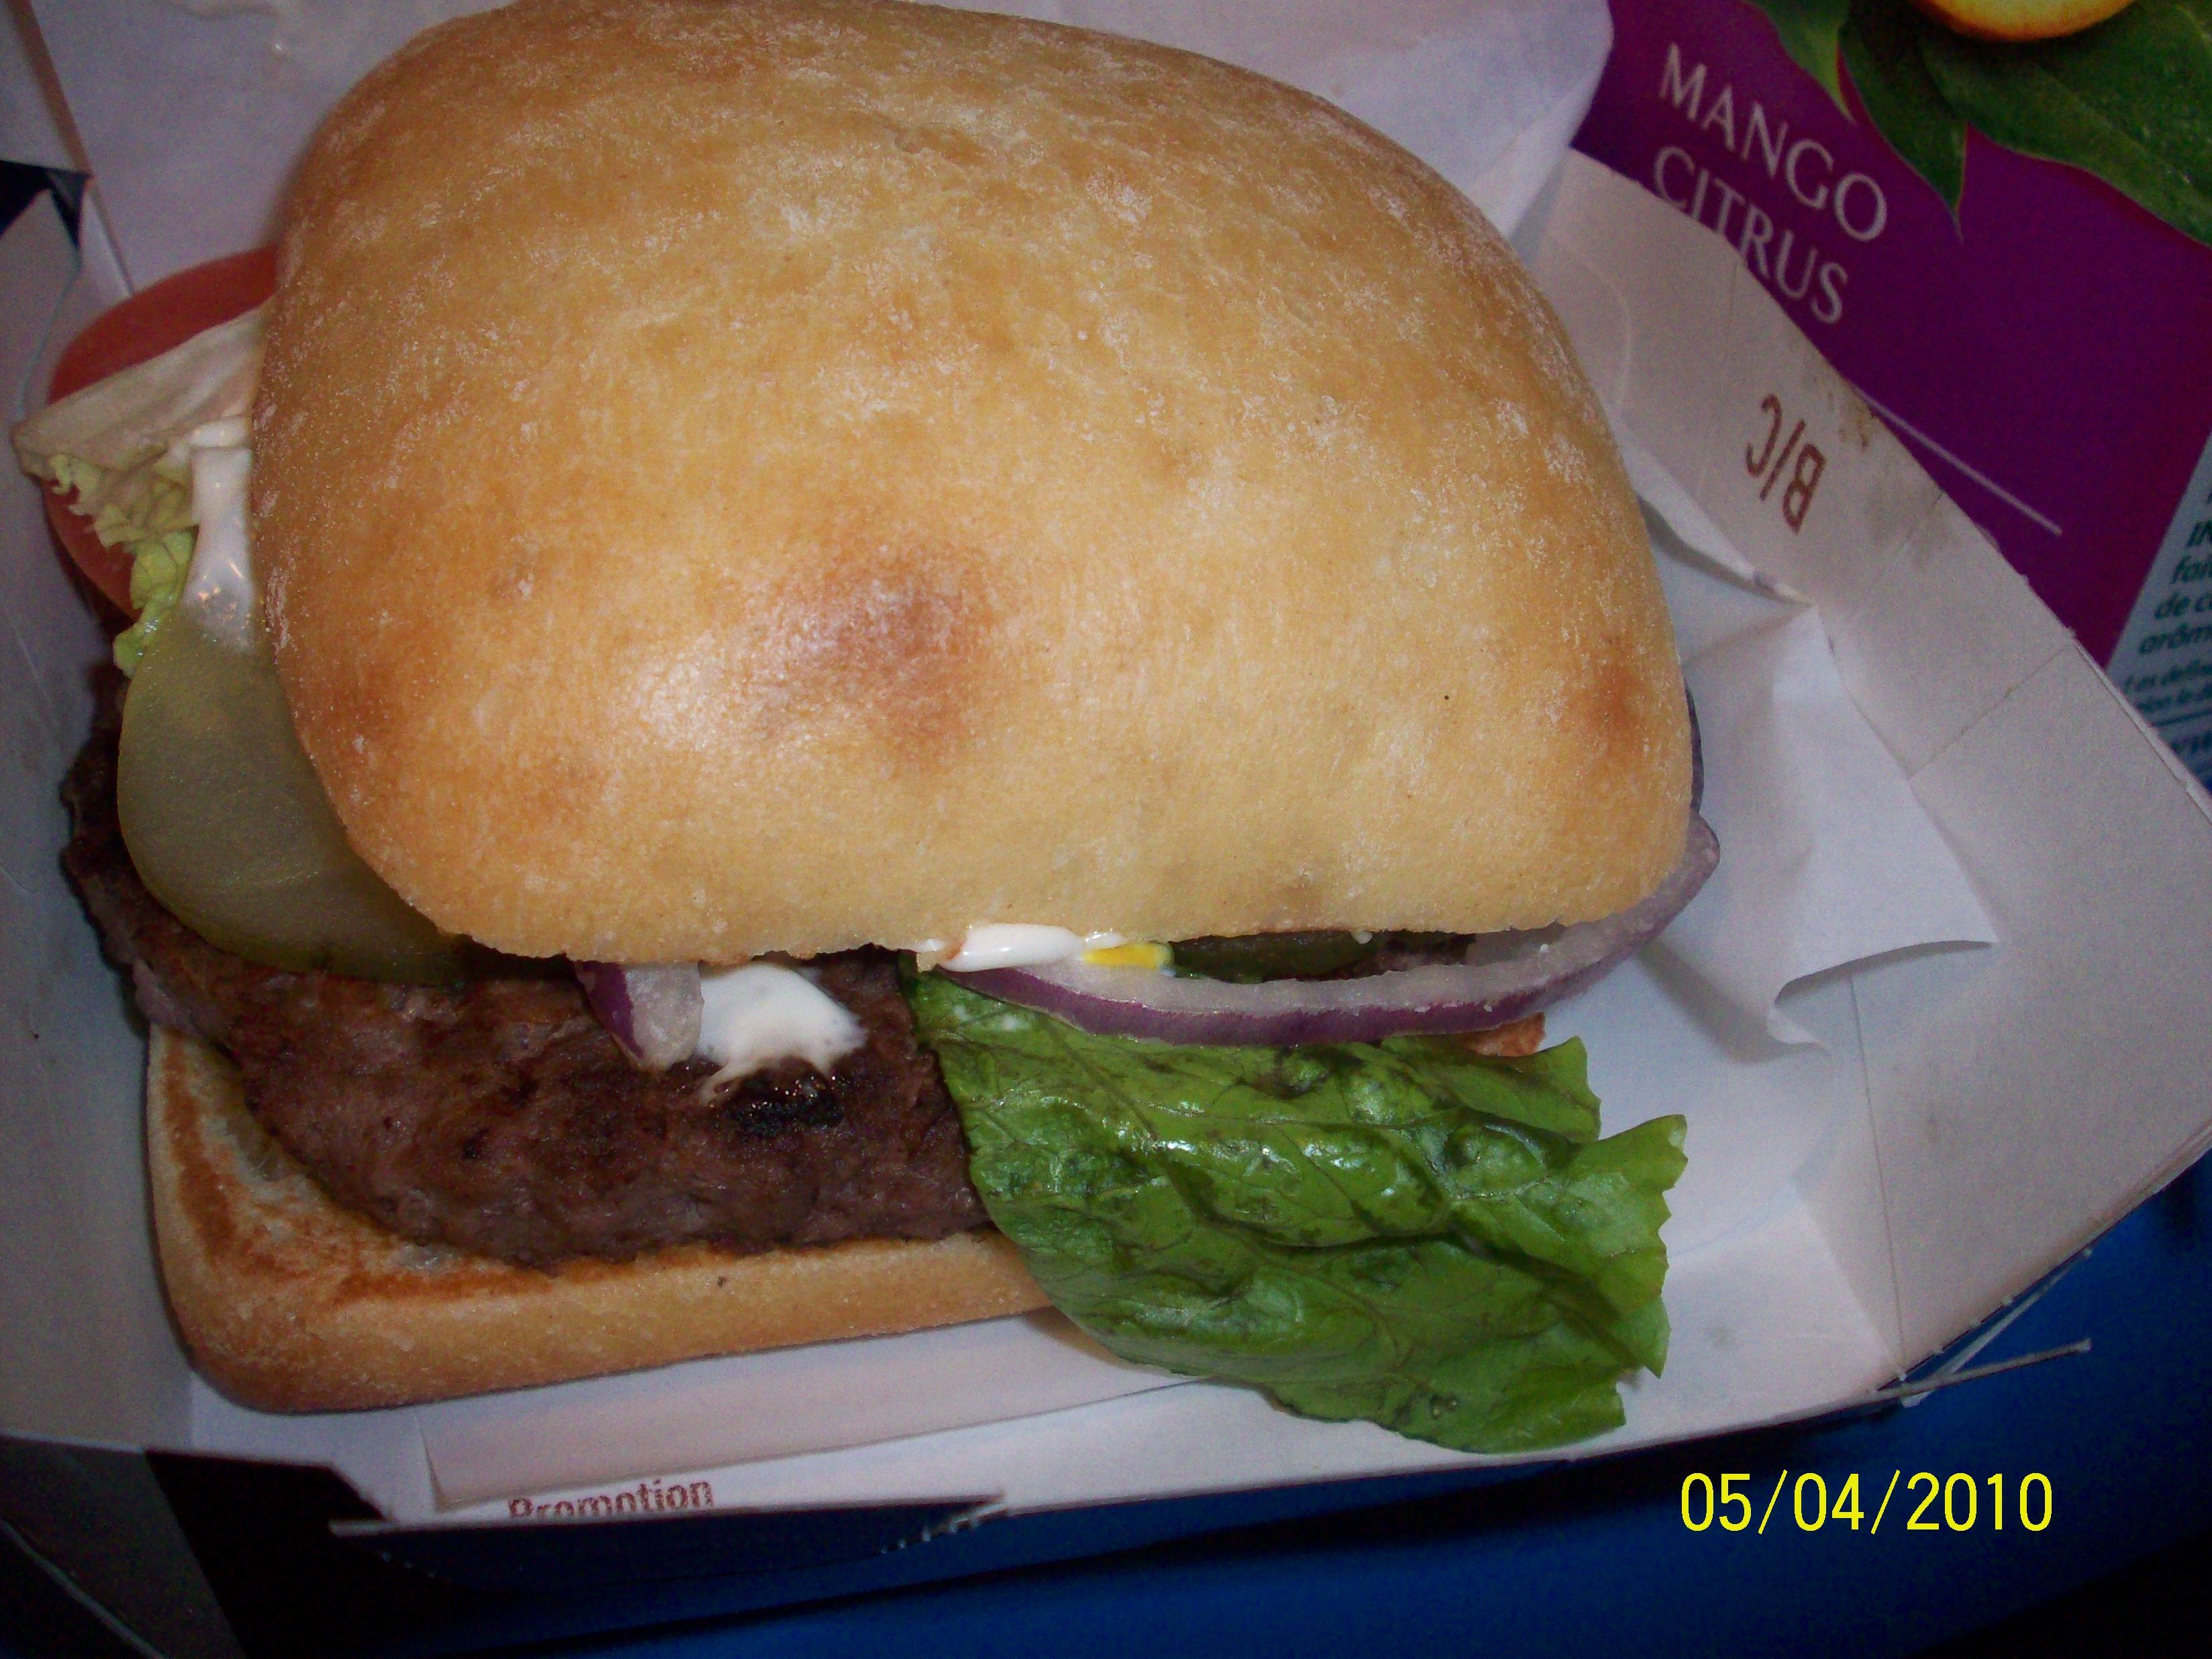 http://foodloader.net/cutie_2010-04-07_McDonalds_Angus_Burger.jpg